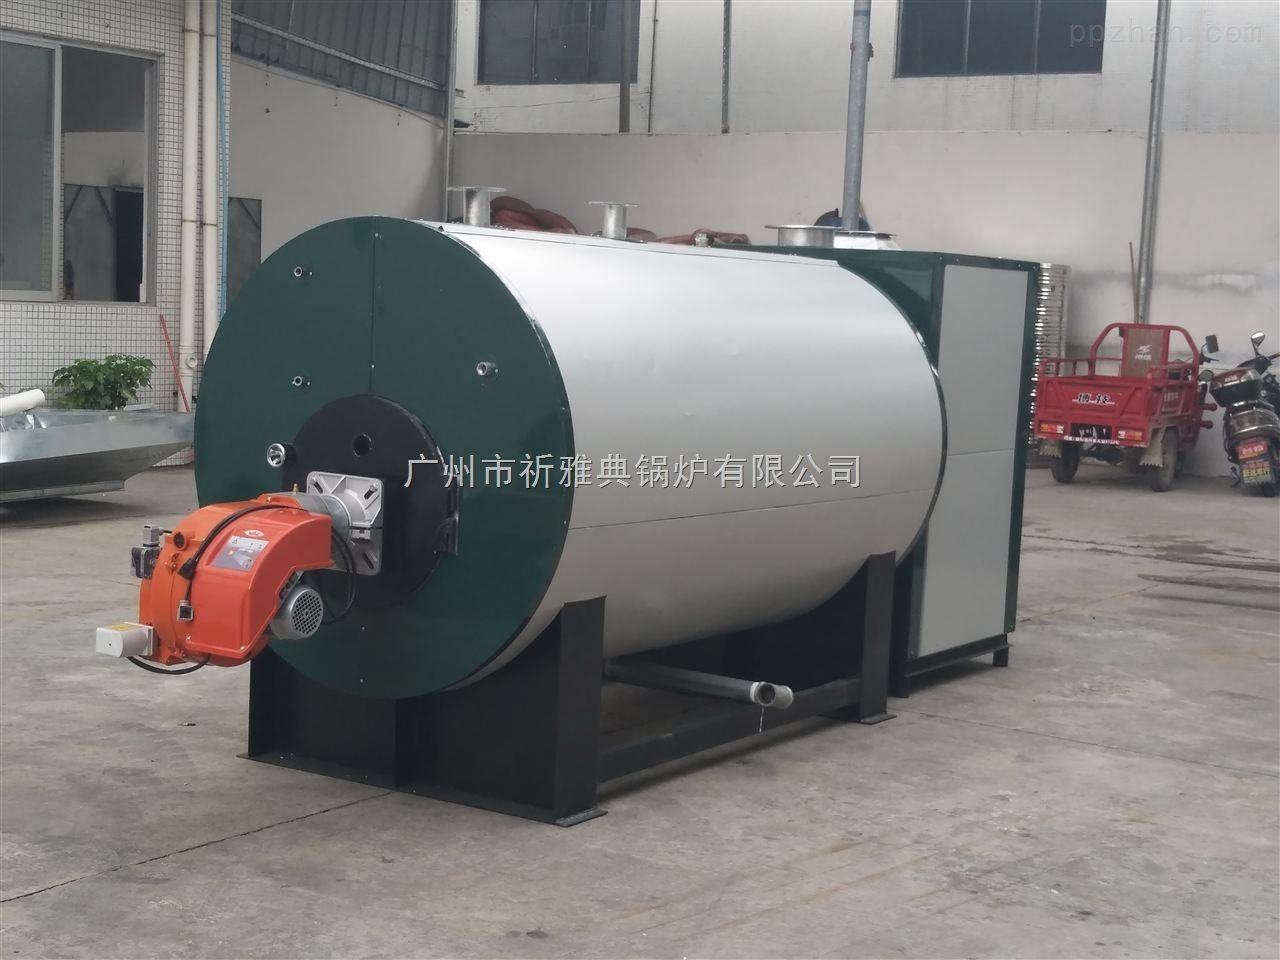 设计生产热水温度在90℃以下热水工程实现供应热水同时供暖实现一炉多用